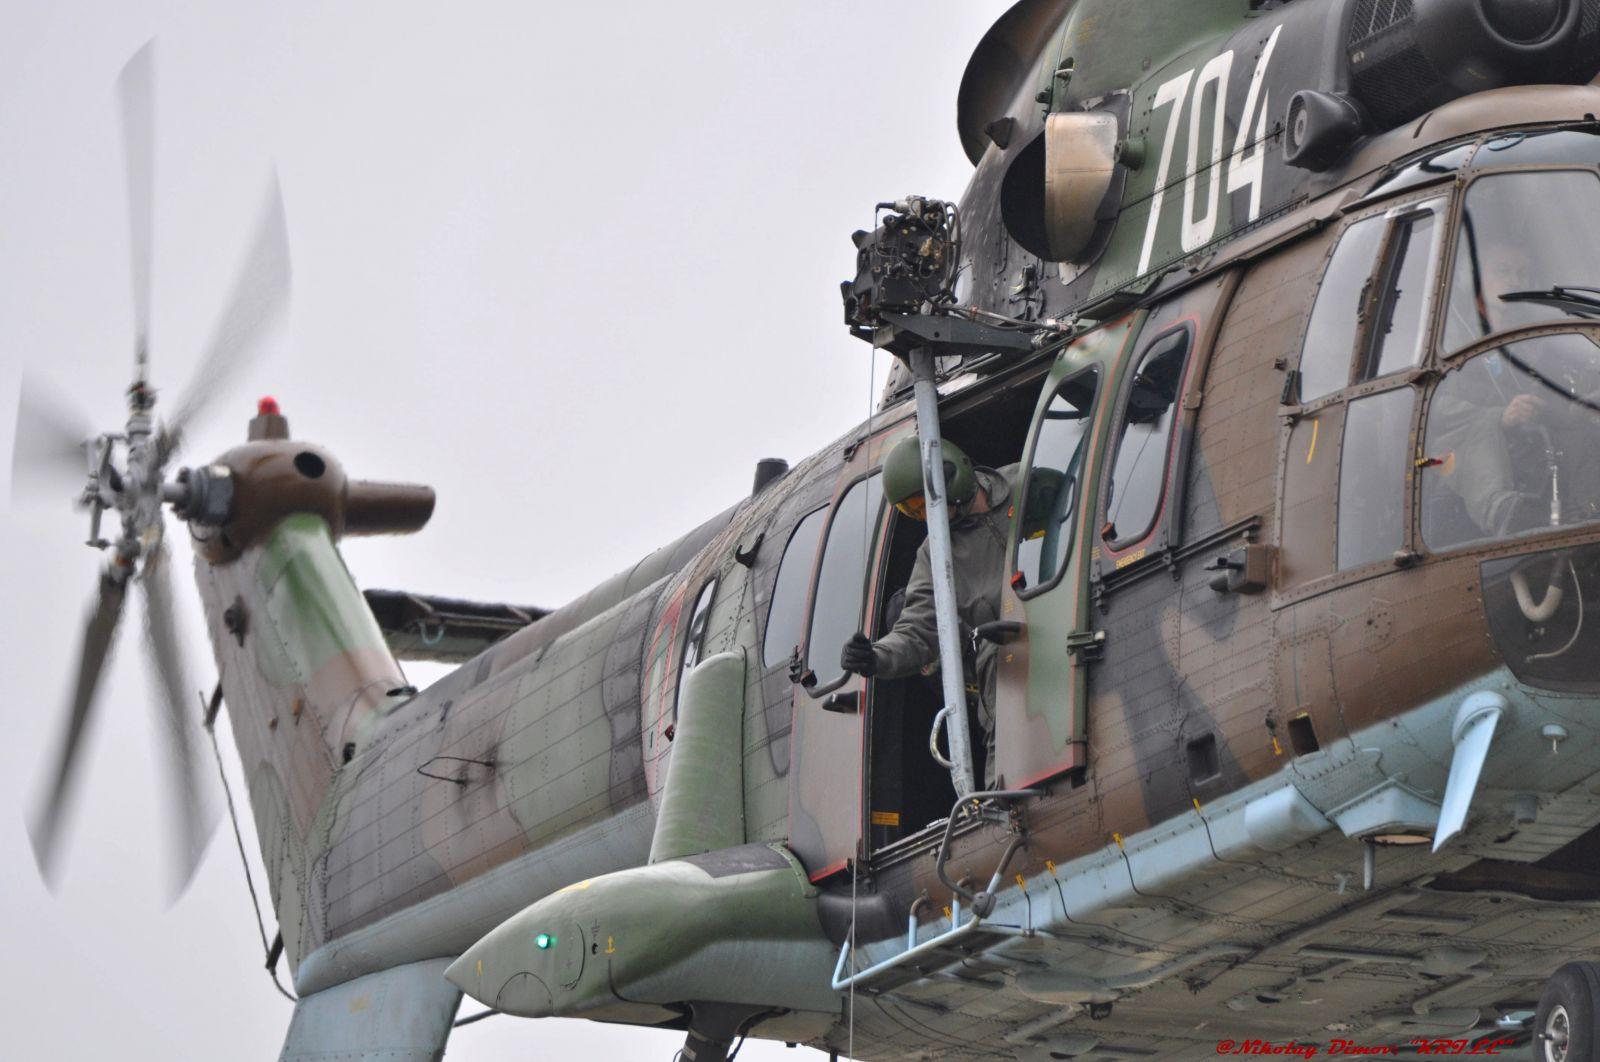 Тържествено отбелязване на празника на 24-та Авиобаза Крумово – ТЕХНИКАТА (фотогалерия) – 3 част